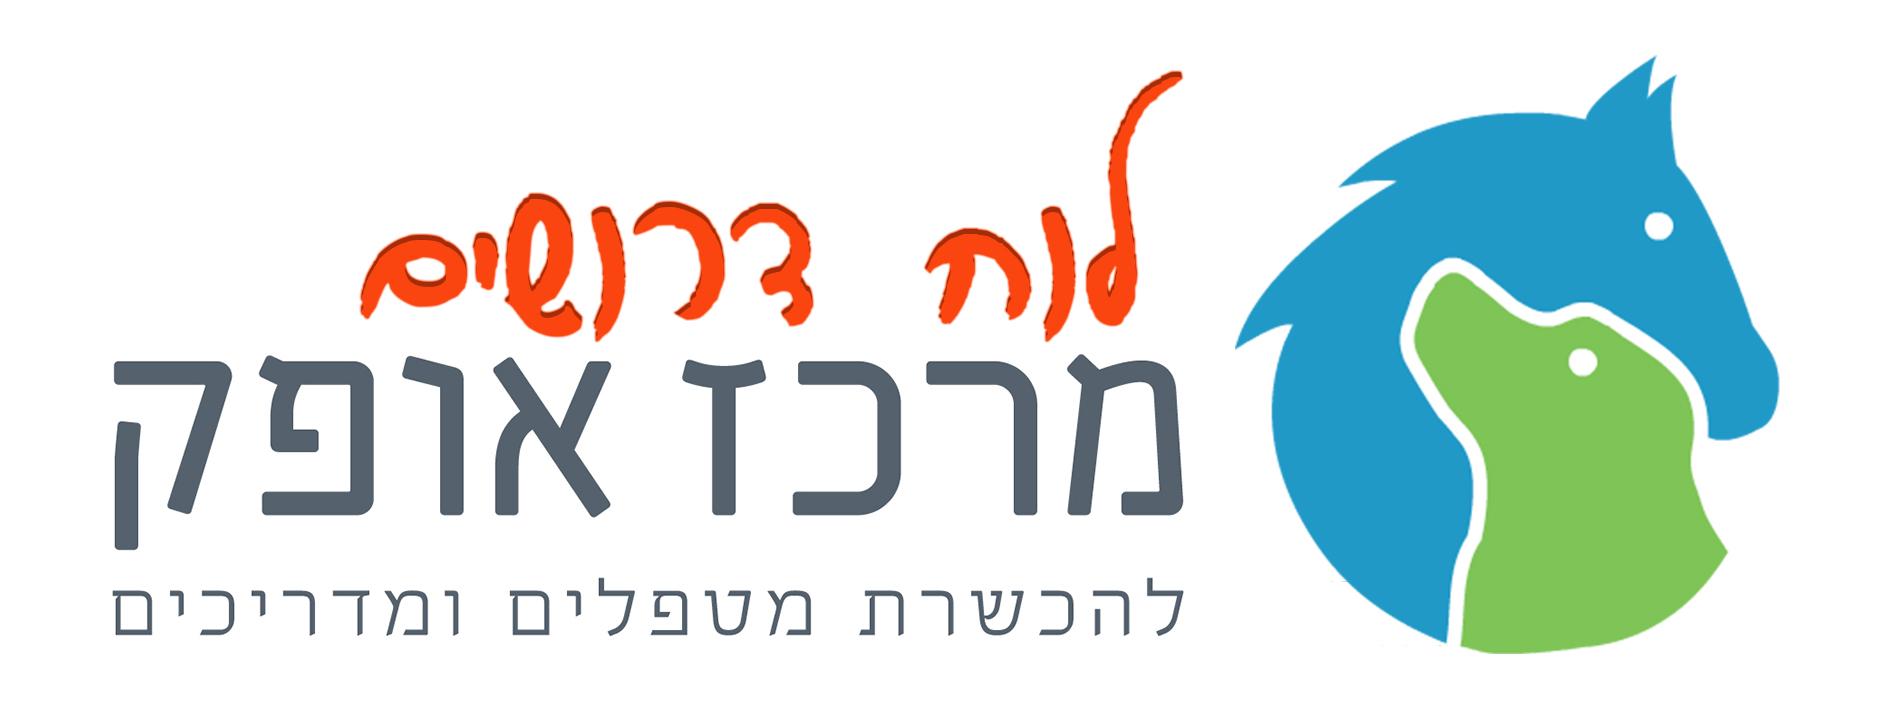 מרכז אופק – לוח דרושים logo